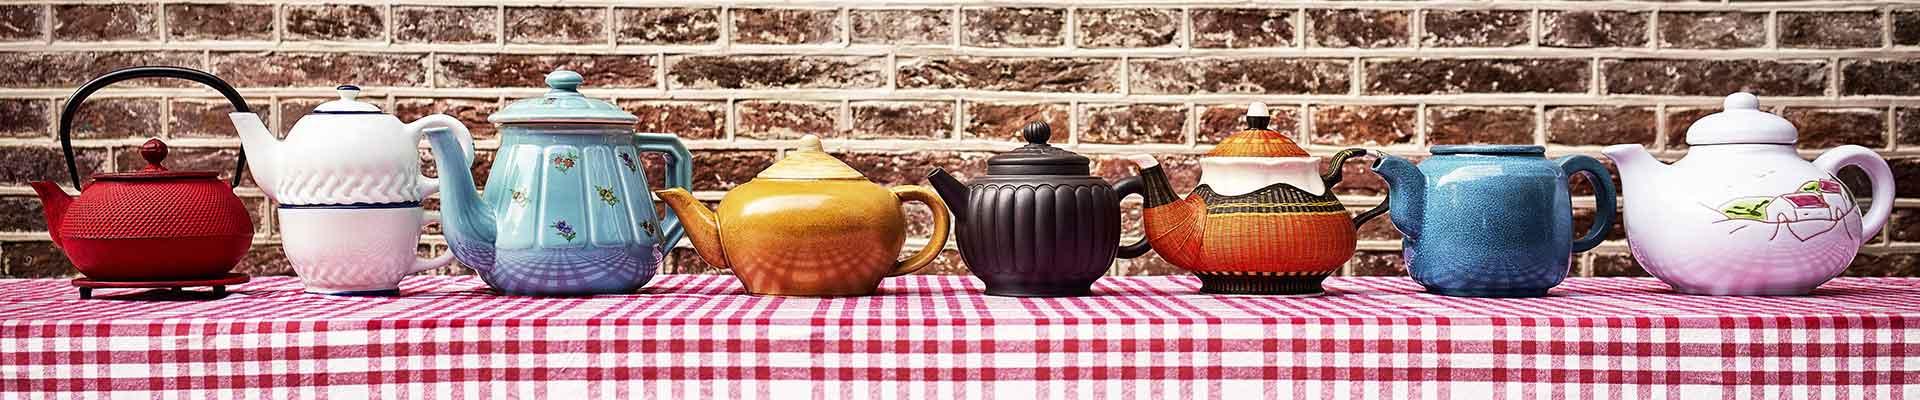 Für die Teezubereitung